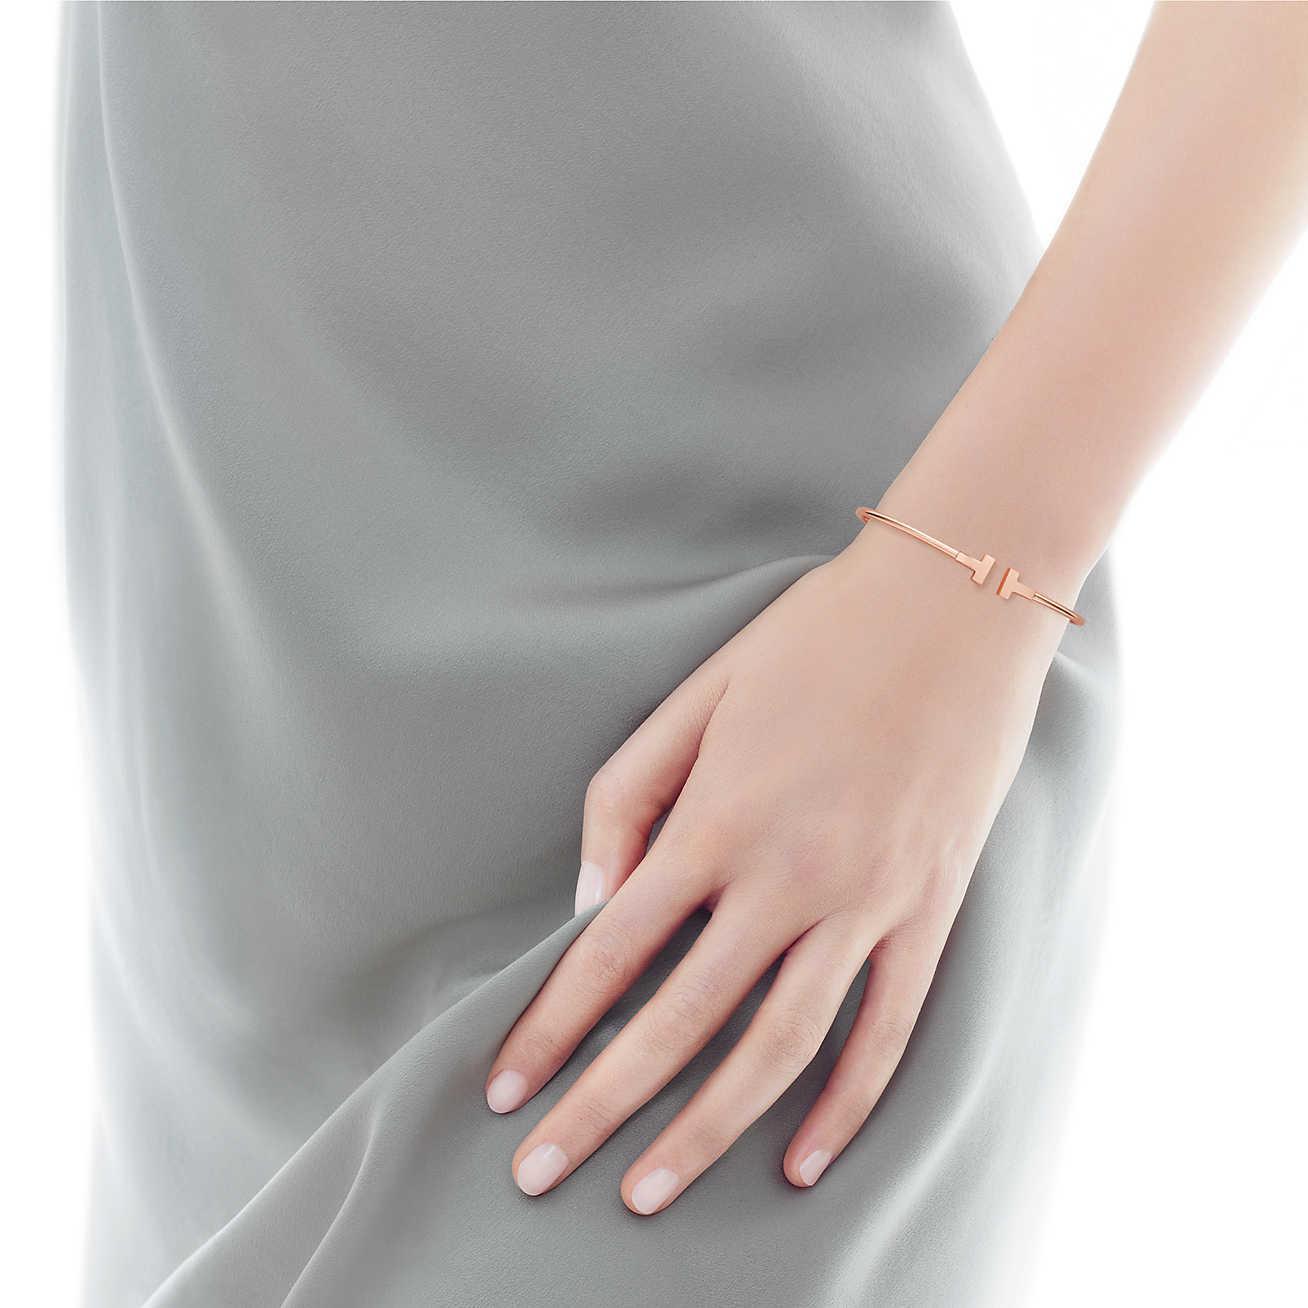 274df9de1 Tiffany & Co. Tiffany T Narrow Wire Bracelet In 18k Rose Gold, Small ...